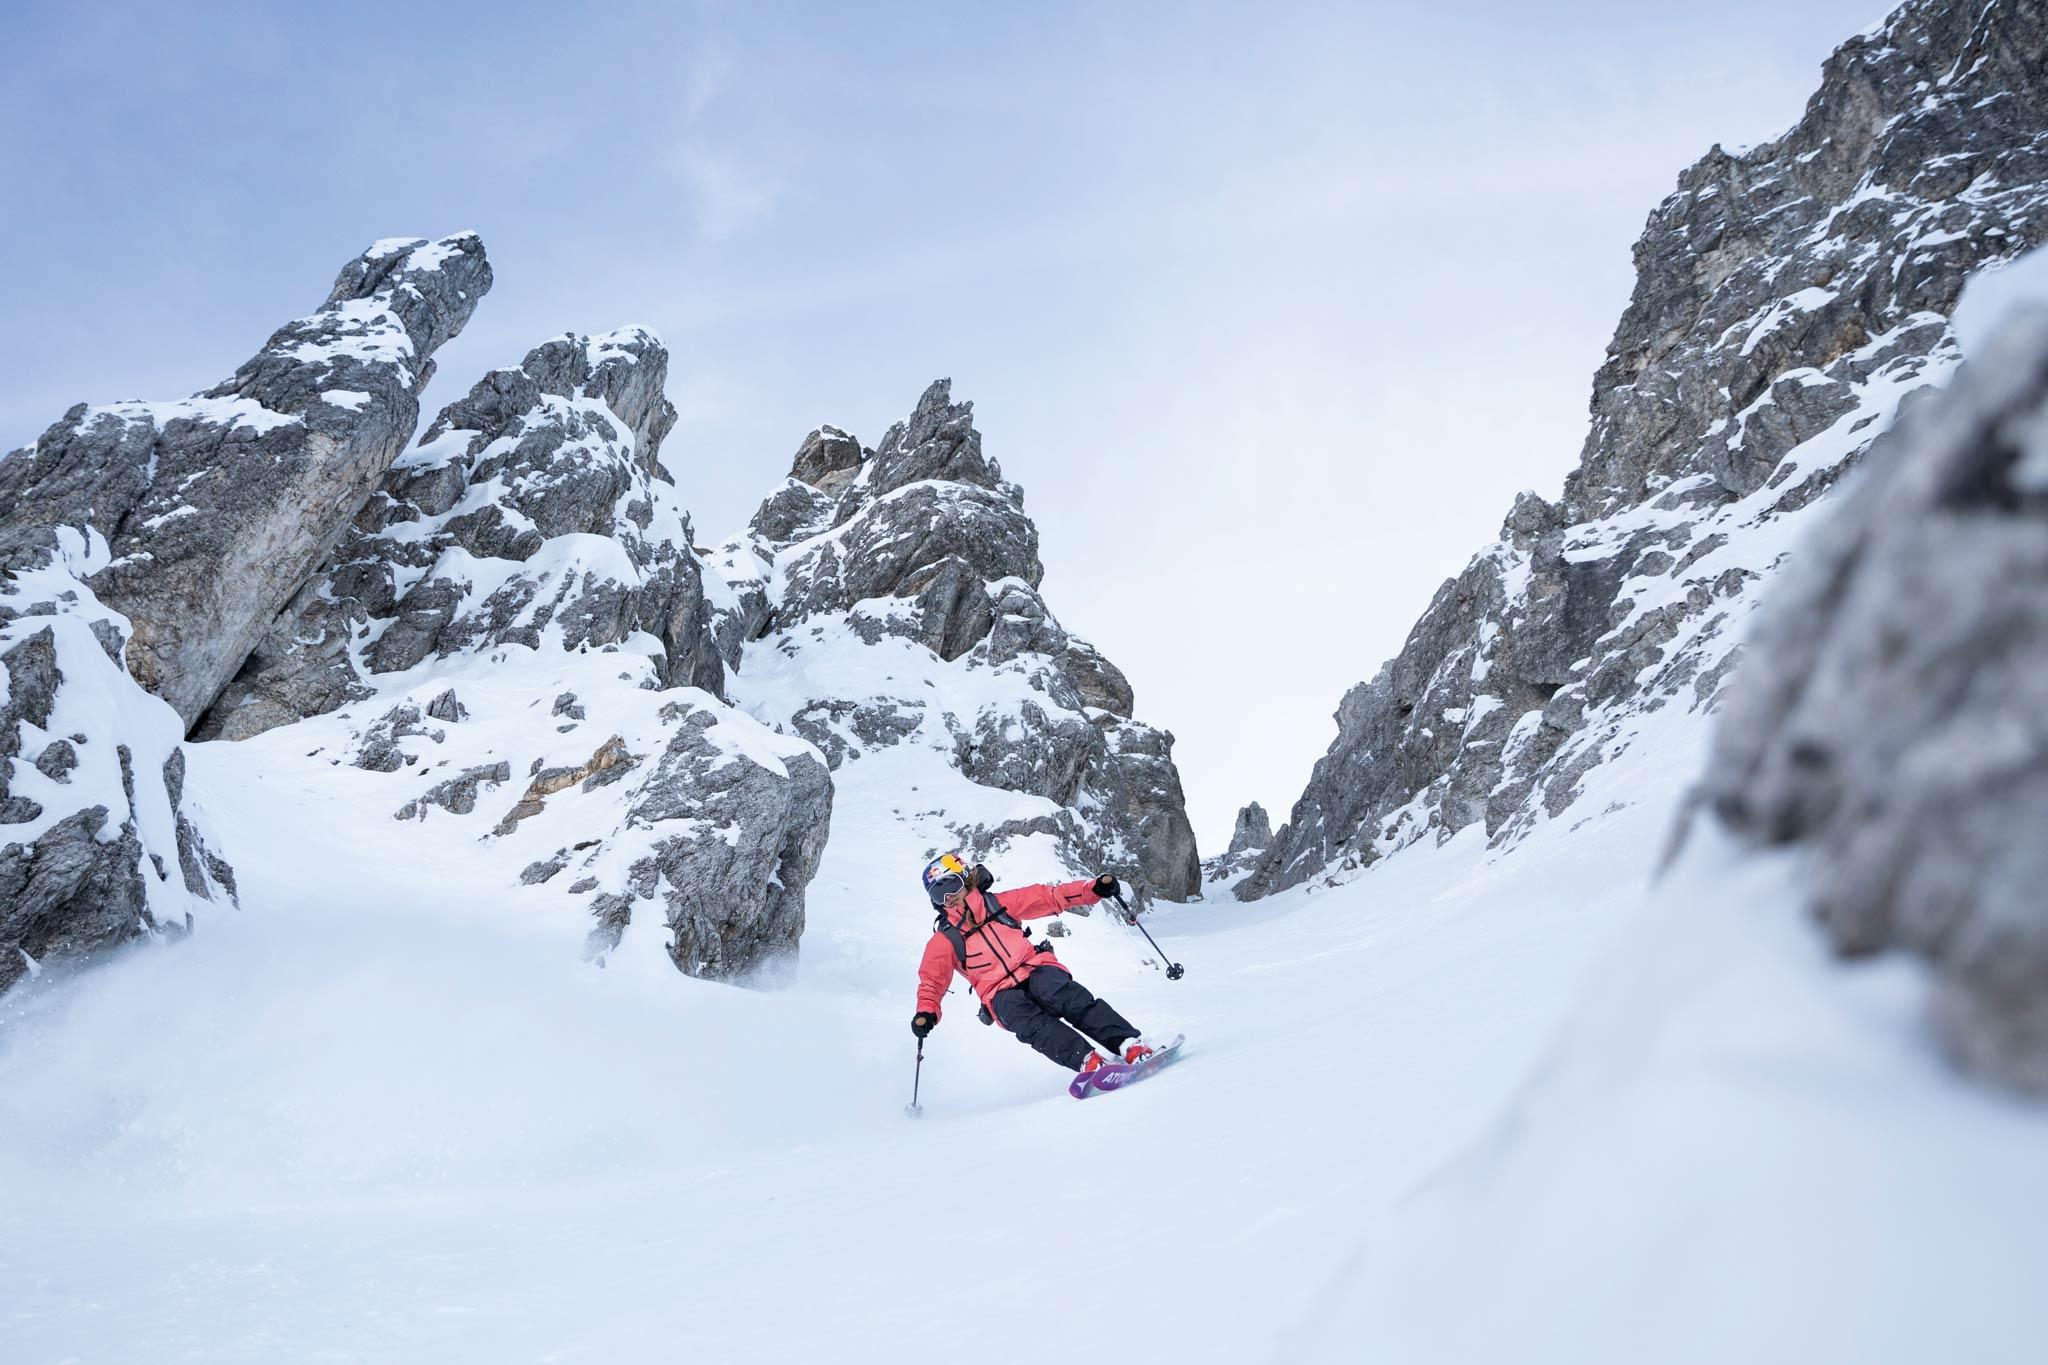 So gute Schneebedingungen wie auf diesem Bild waren Arianna Tricomi beim ersten Freeride World Tour 2020 Contest in Hakuba, Japan, leider nicht gegönnt. - Foto: Tobias Zlu Haller